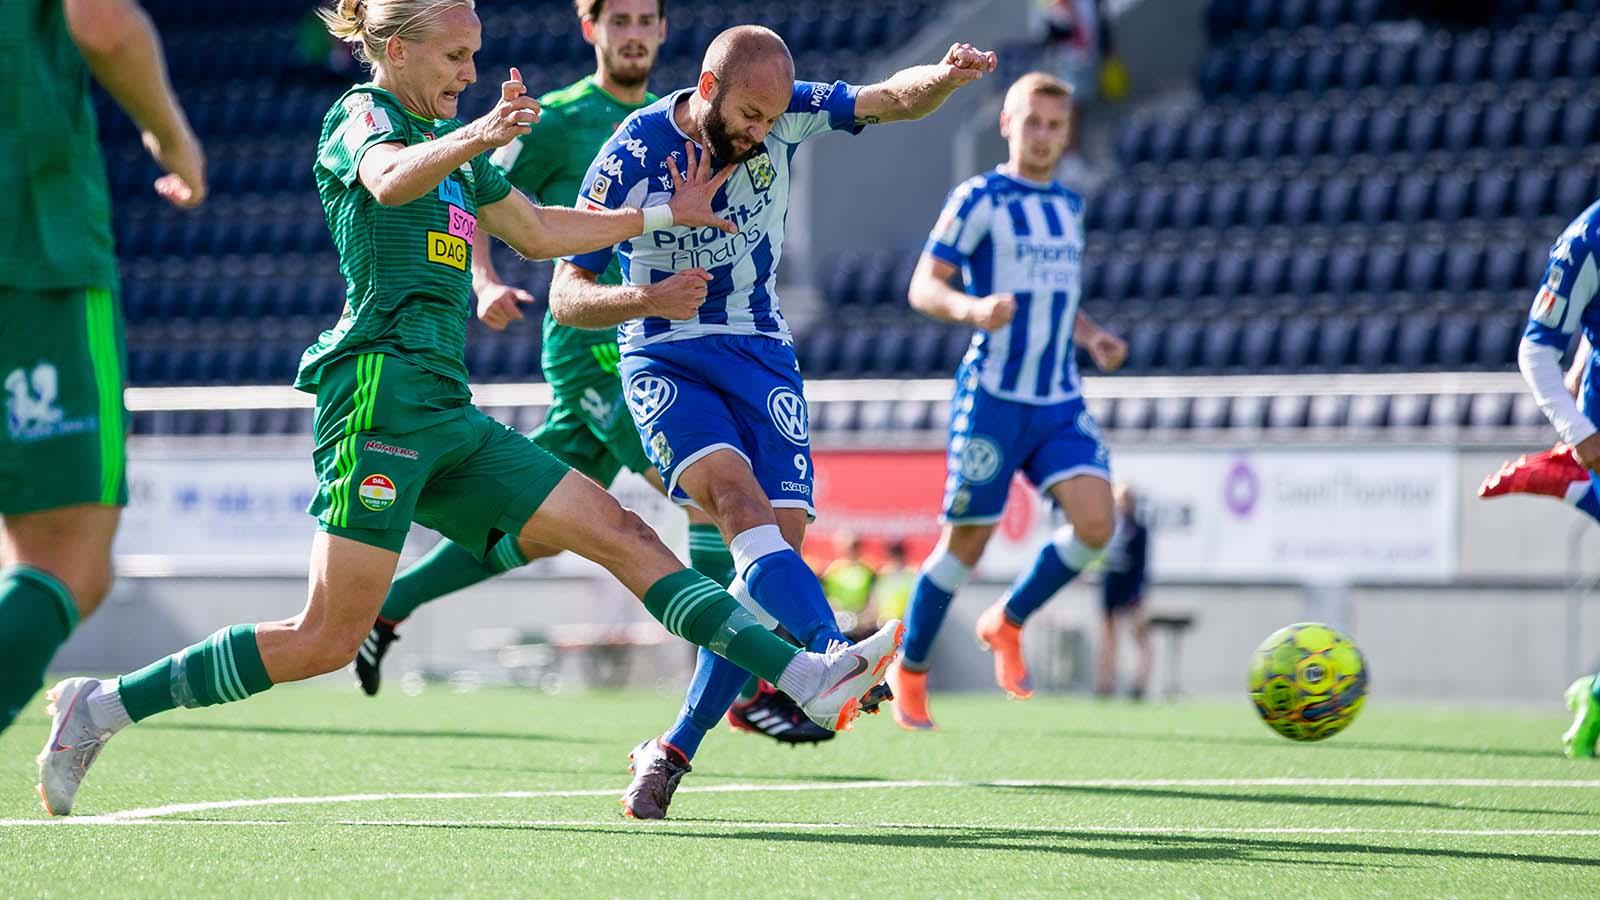 180902 IFK Göteborgs Robin Söder under fotbollsmatchen i Allsvenskan mellan Dalkurd och IFK Göteborg den 2 September 2018 i Gävle. Foto: Kenta Jönsson / BILDBYRÅN / Cop 210